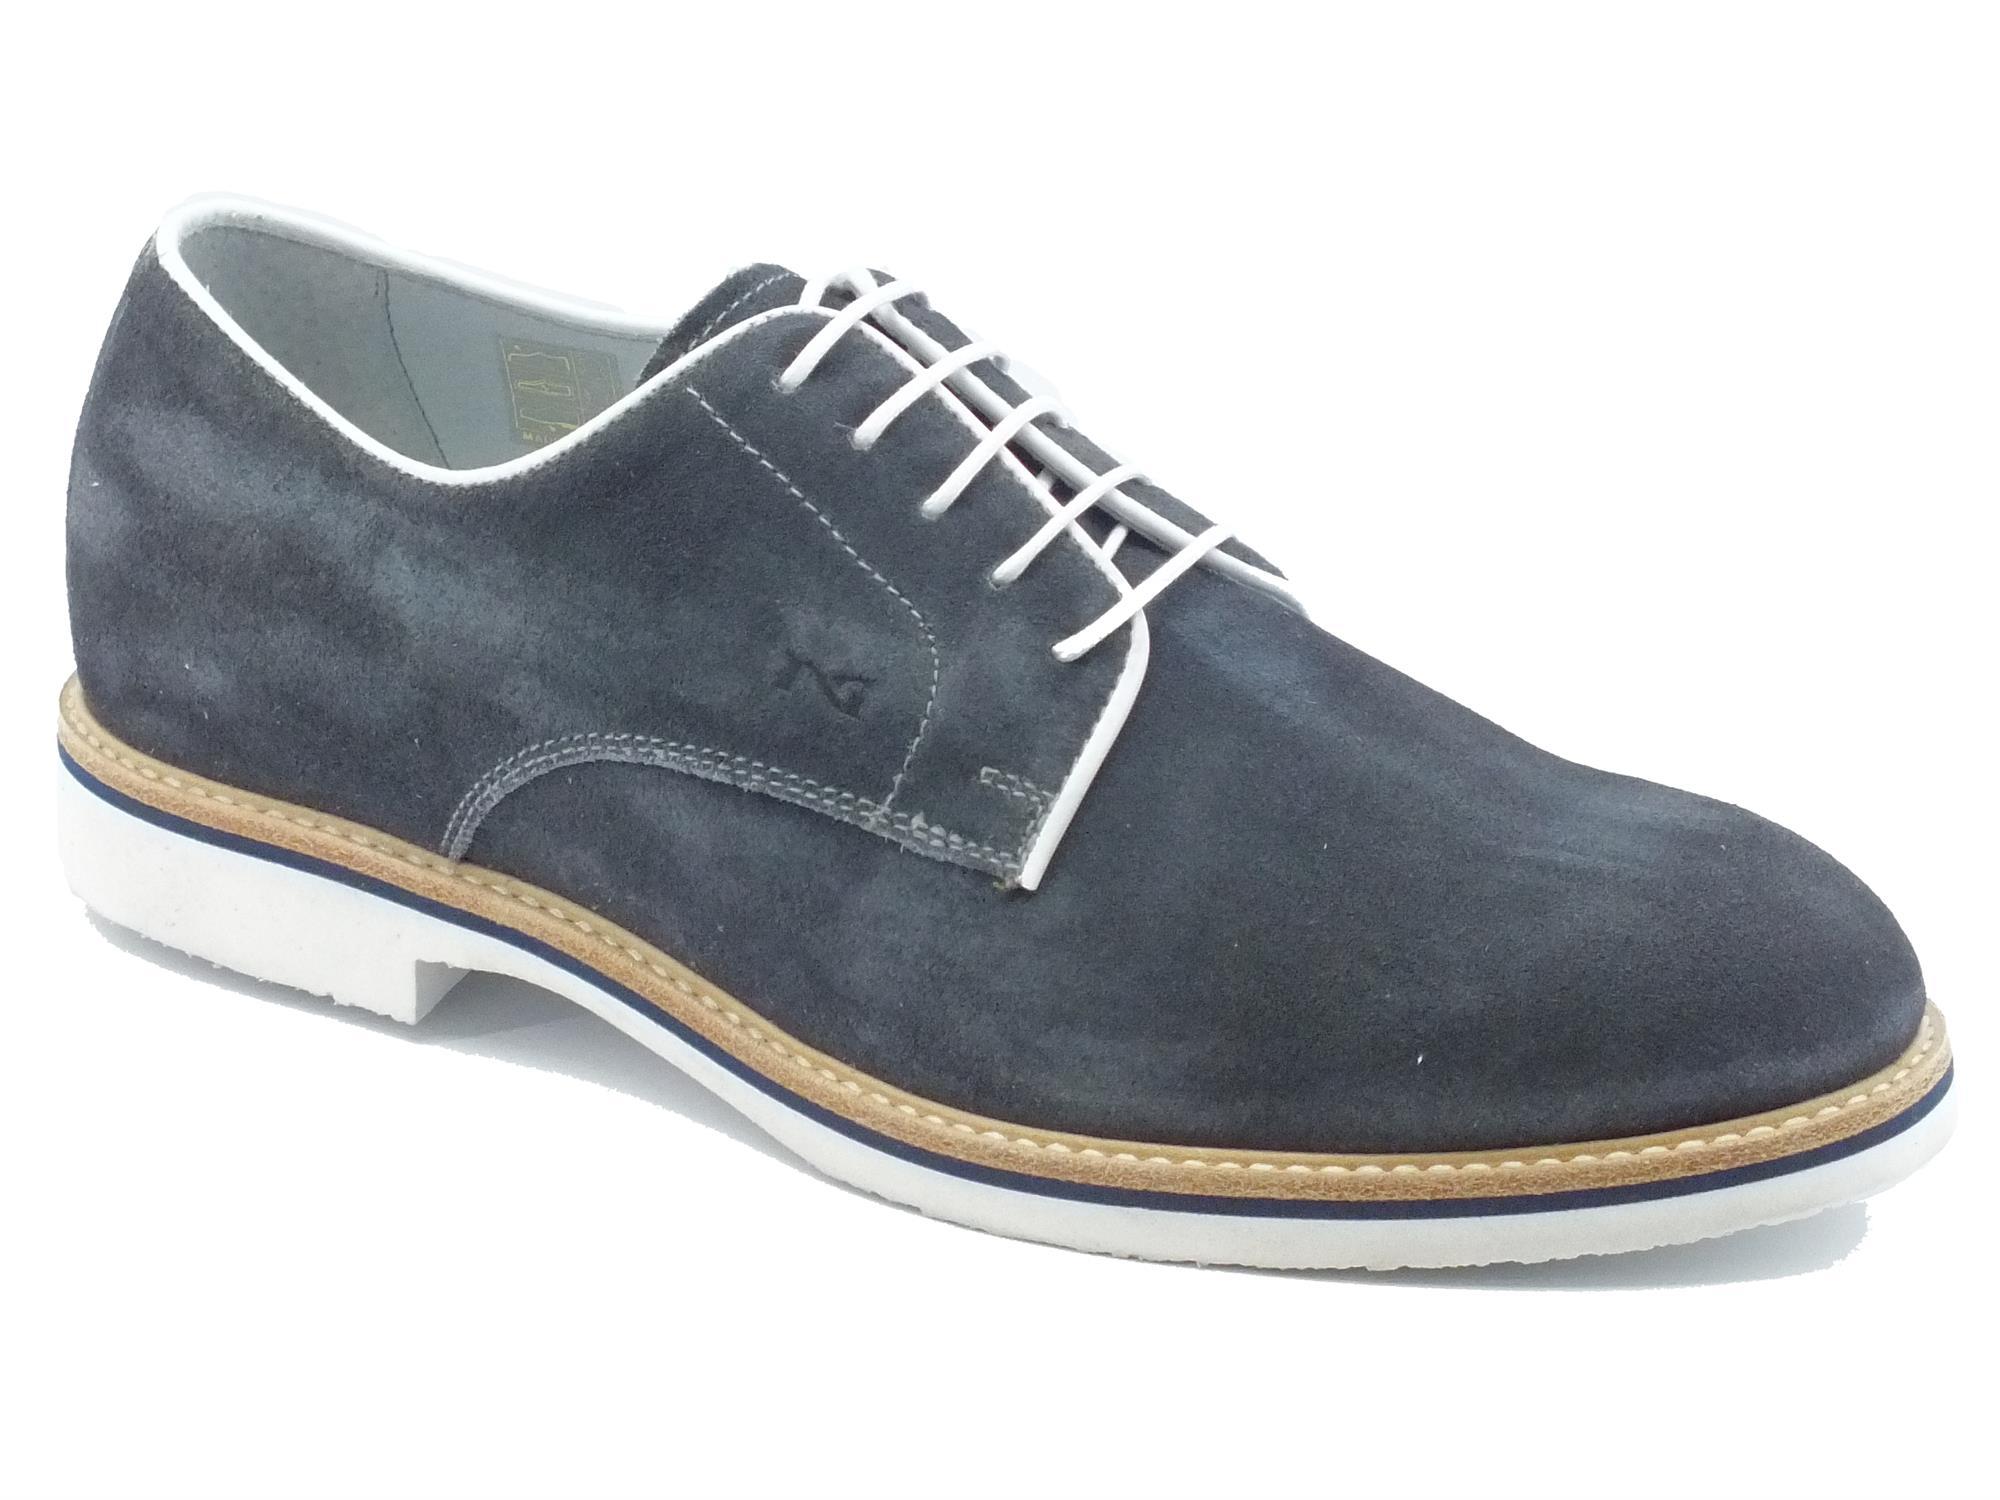 Scarpe uomo NeroGiardini camoscio blu bianco - Vitiello Calzature fa695e63e9c